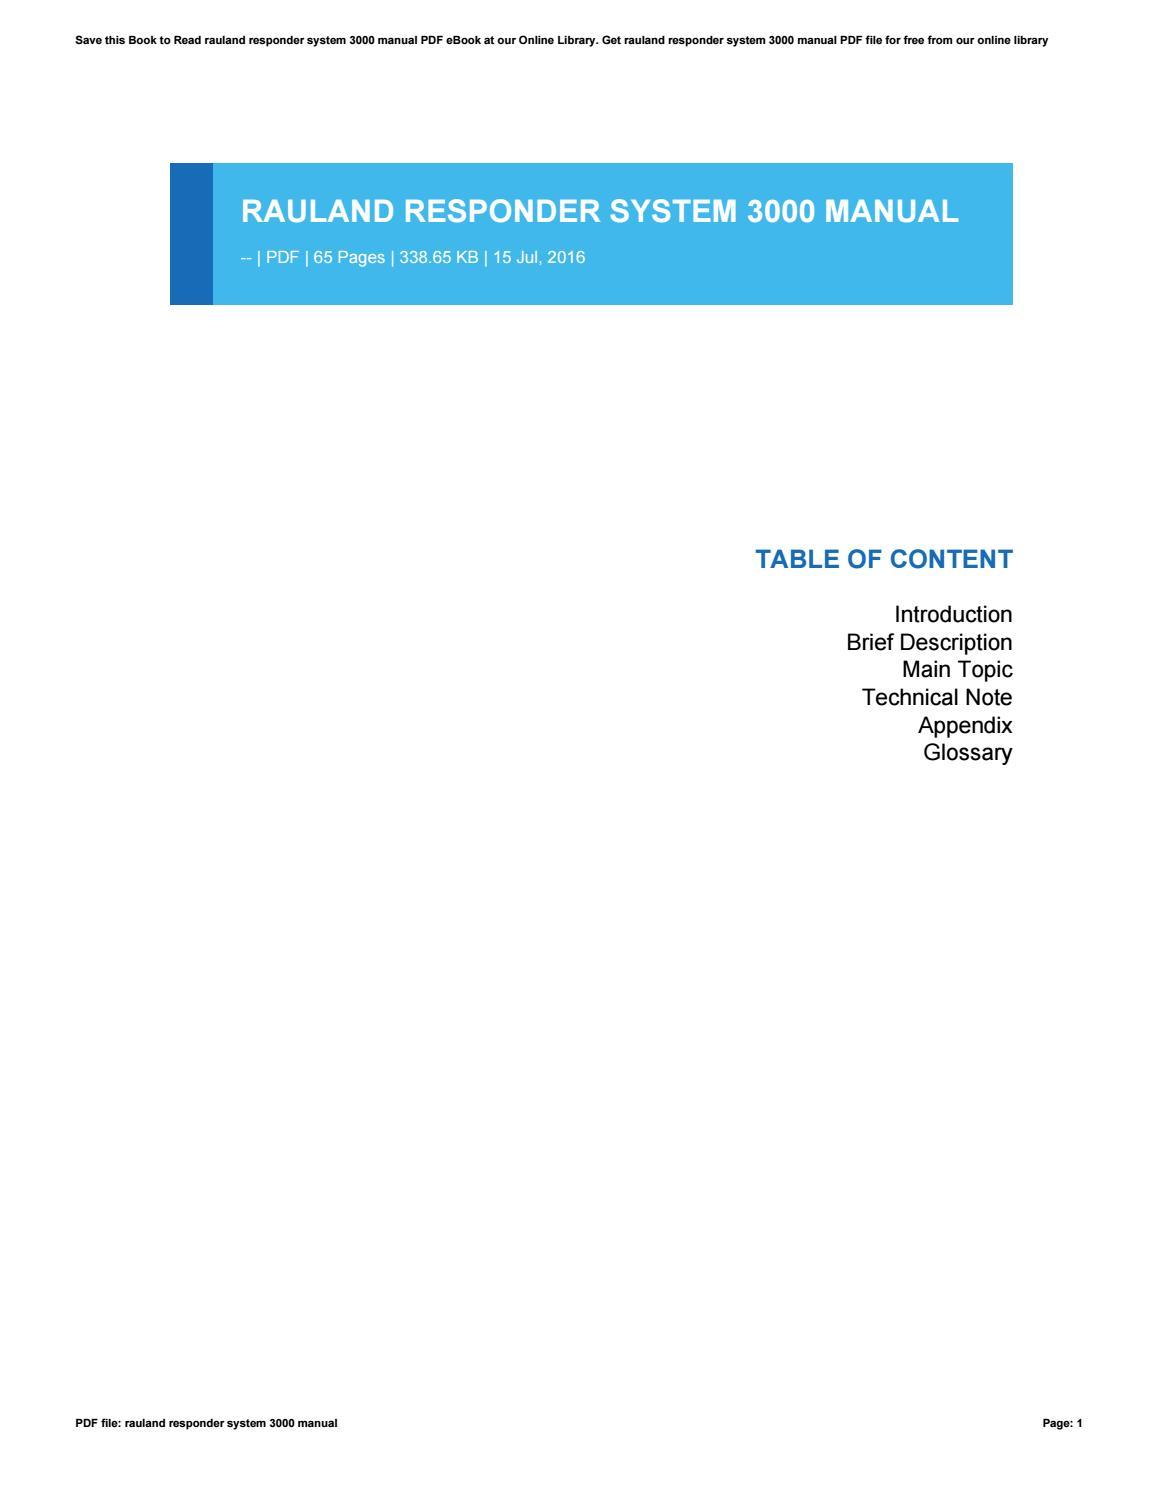 Rauland responder 5 installation manual.